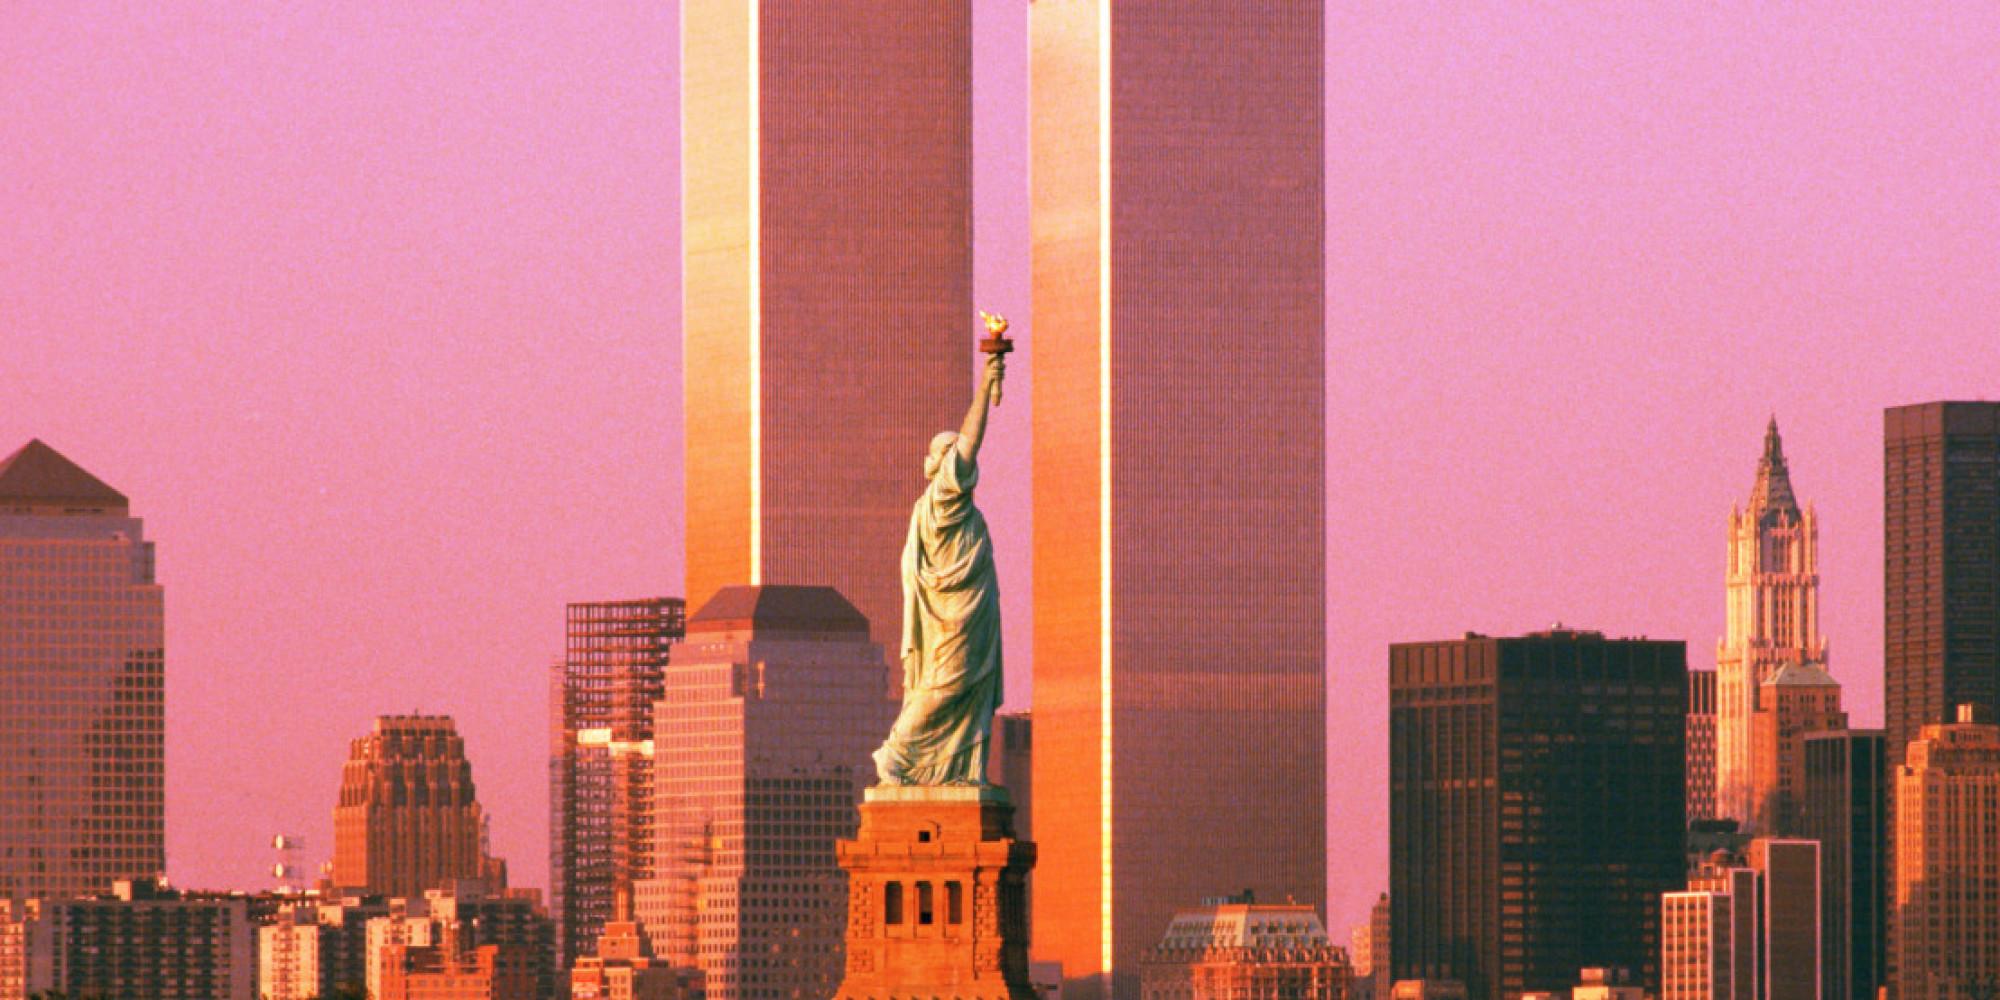 Talk:9/11 Truth movement/Archive 4 - Wikipedia